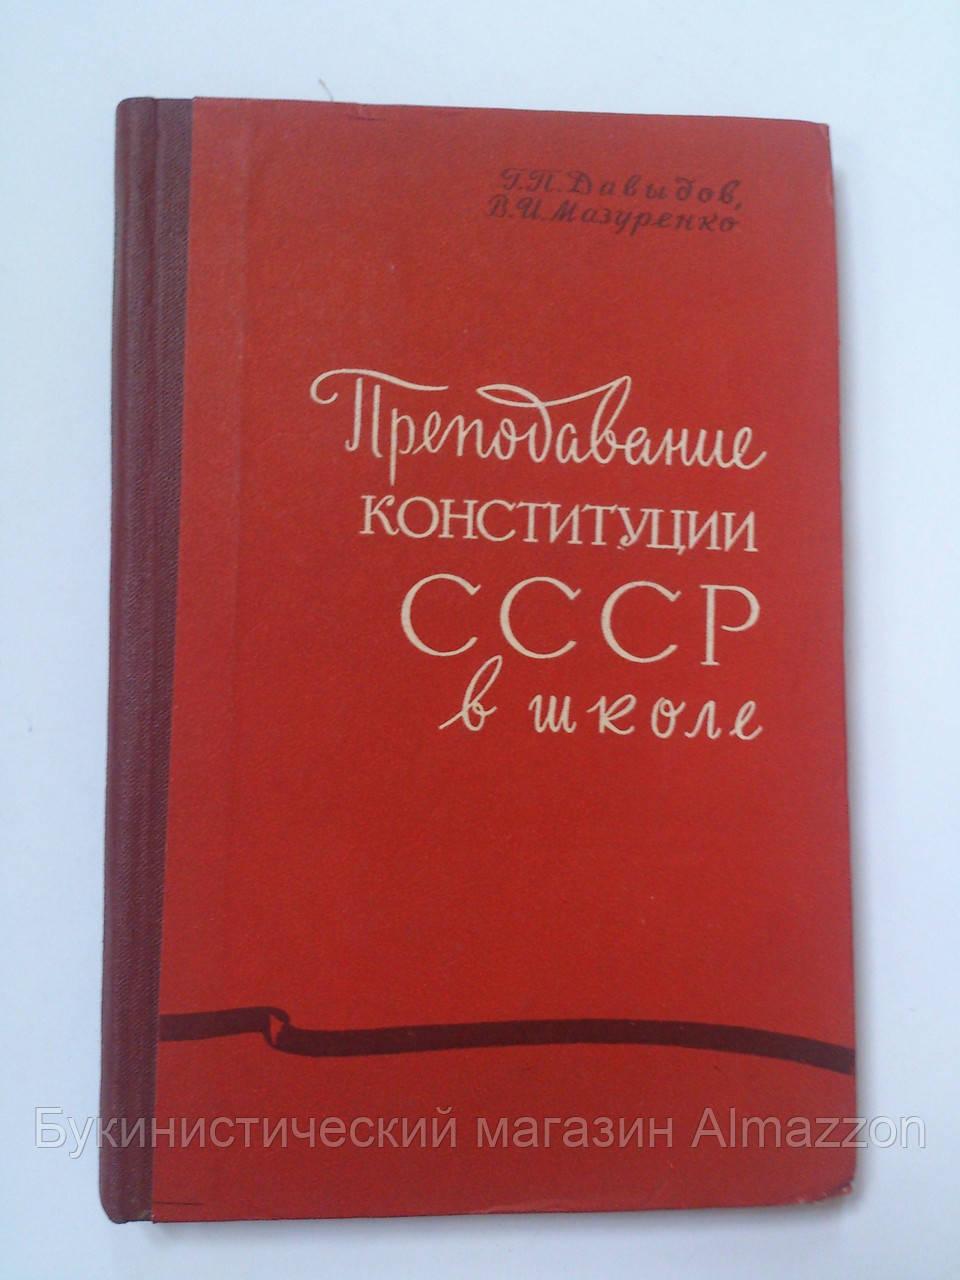 """Г.Давыдов """"Преподавание Конституции СССР в школе"""". 1959 год"""